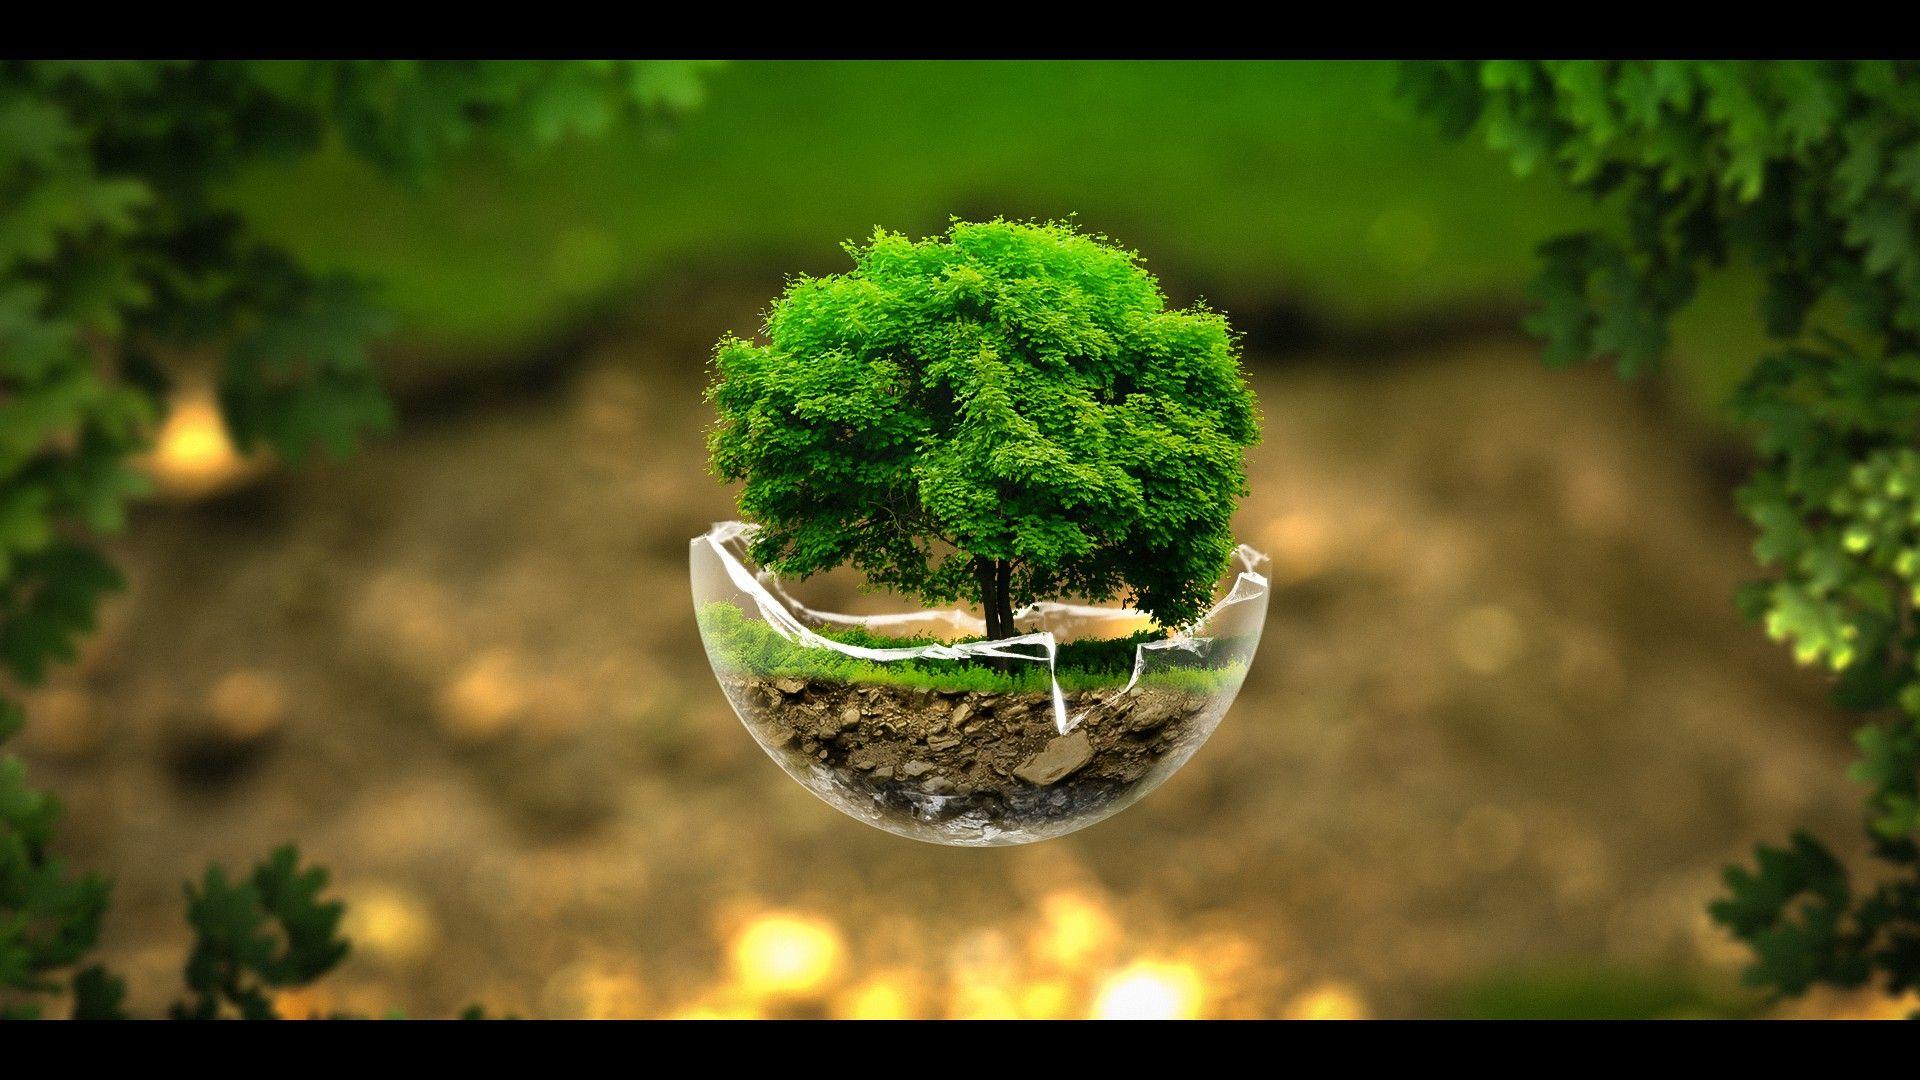 Surreal Nature Sphere HD Wallpaper » FullHDWpp - Full HD Wallpapers ...